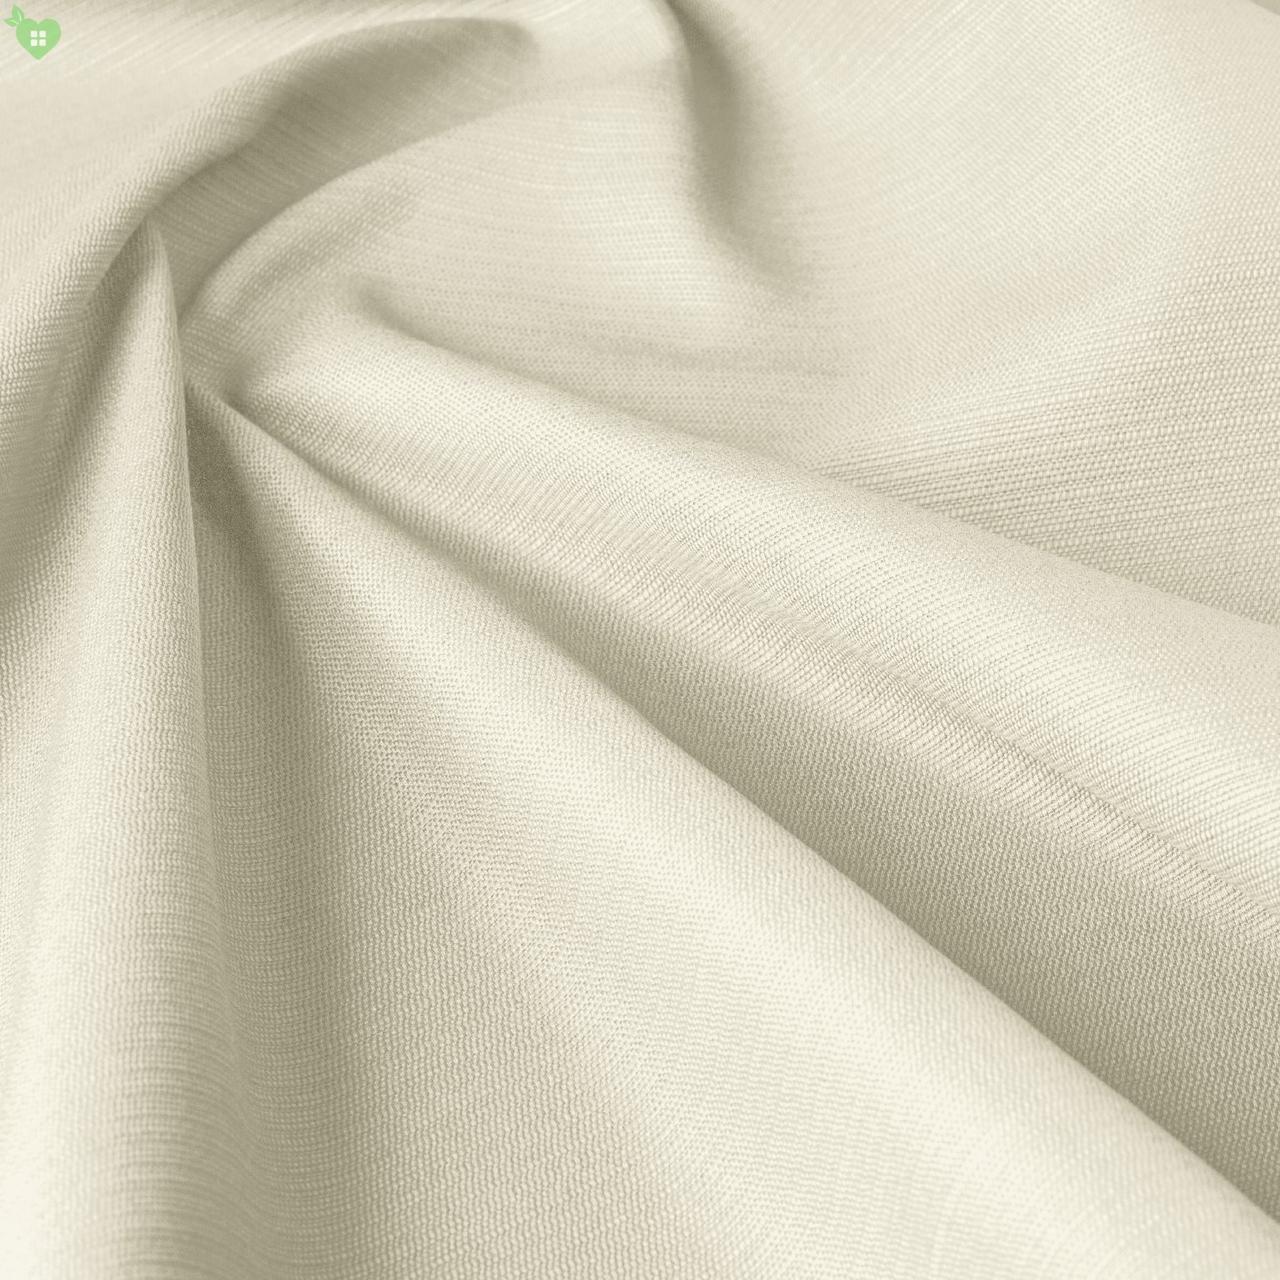 Уличная ткань фактурная бежевого цвета для уличных подушек 84261v2